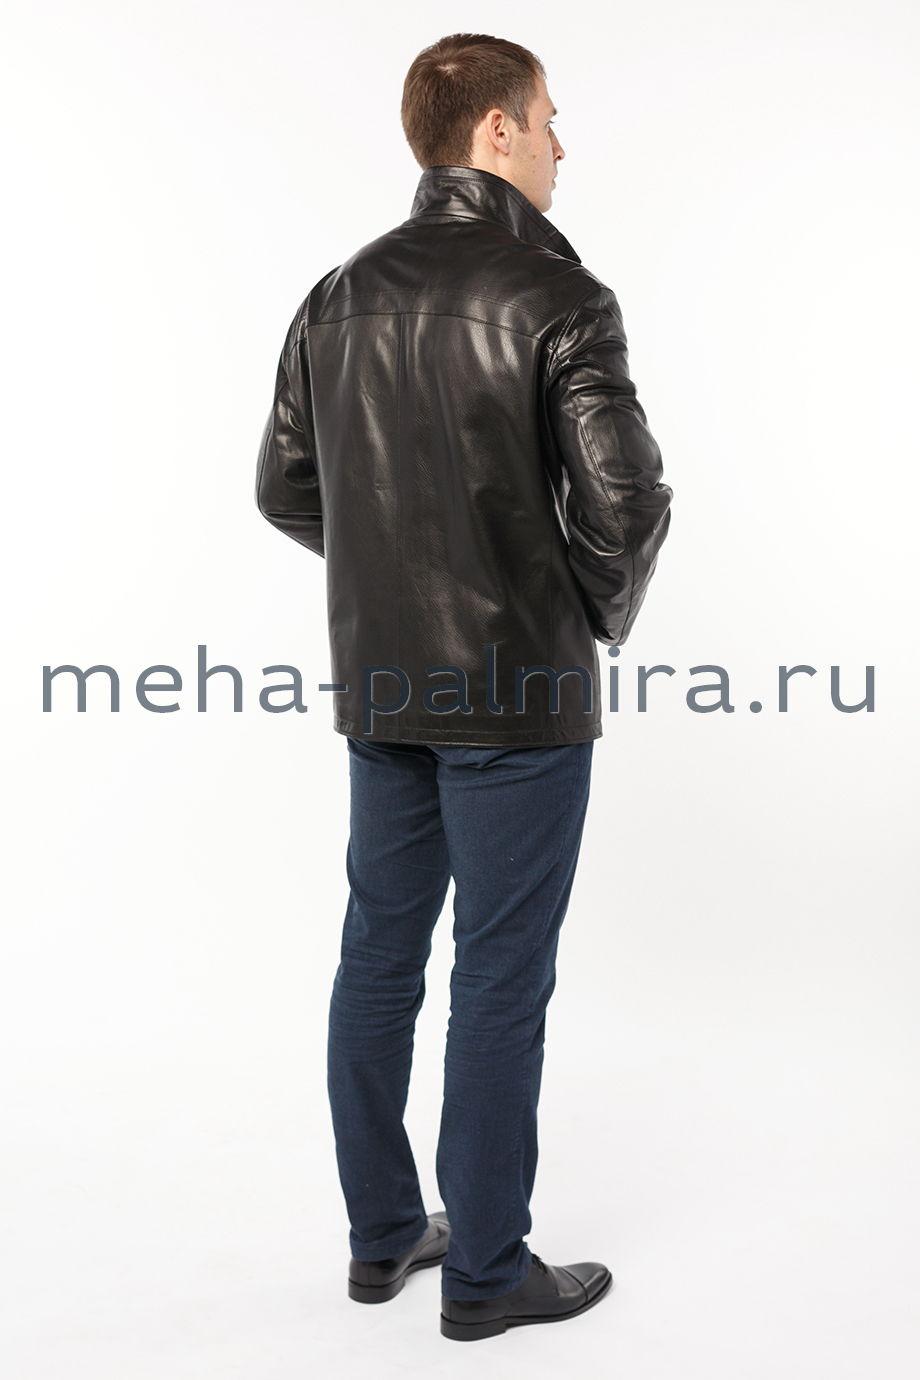 Мужская кожаная куртка большие размеры